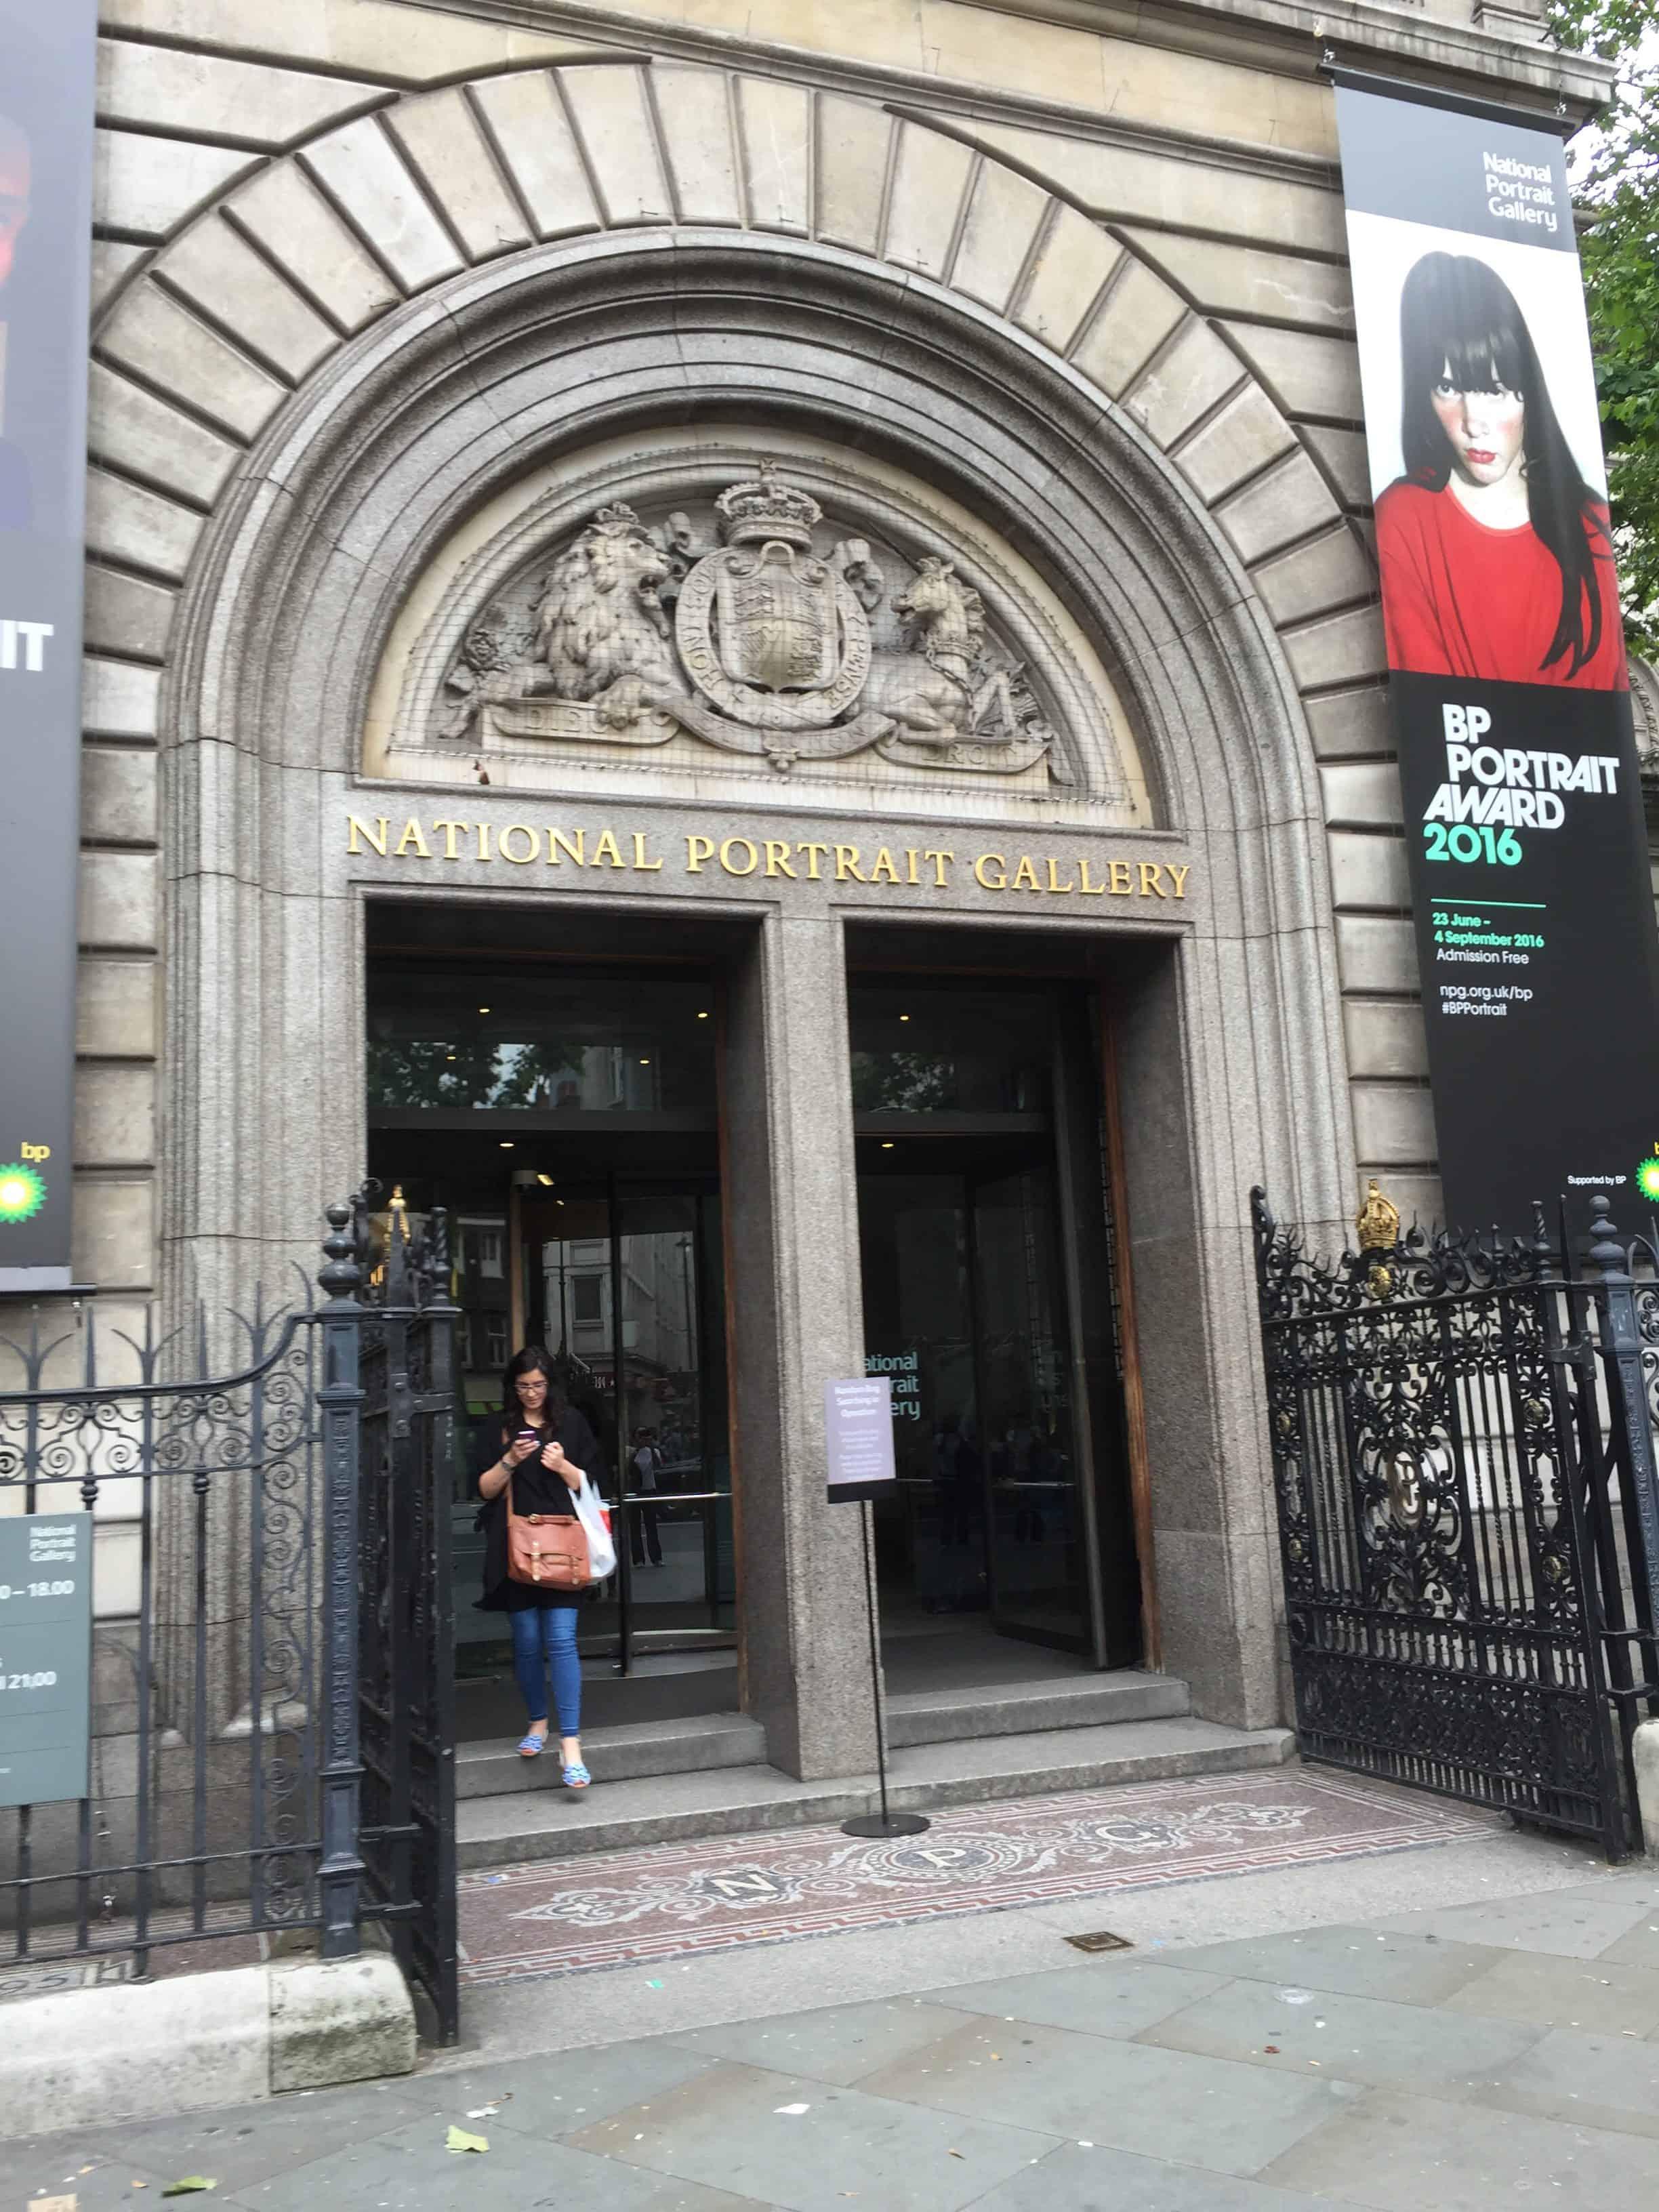 Galeria Nacional de Retratos